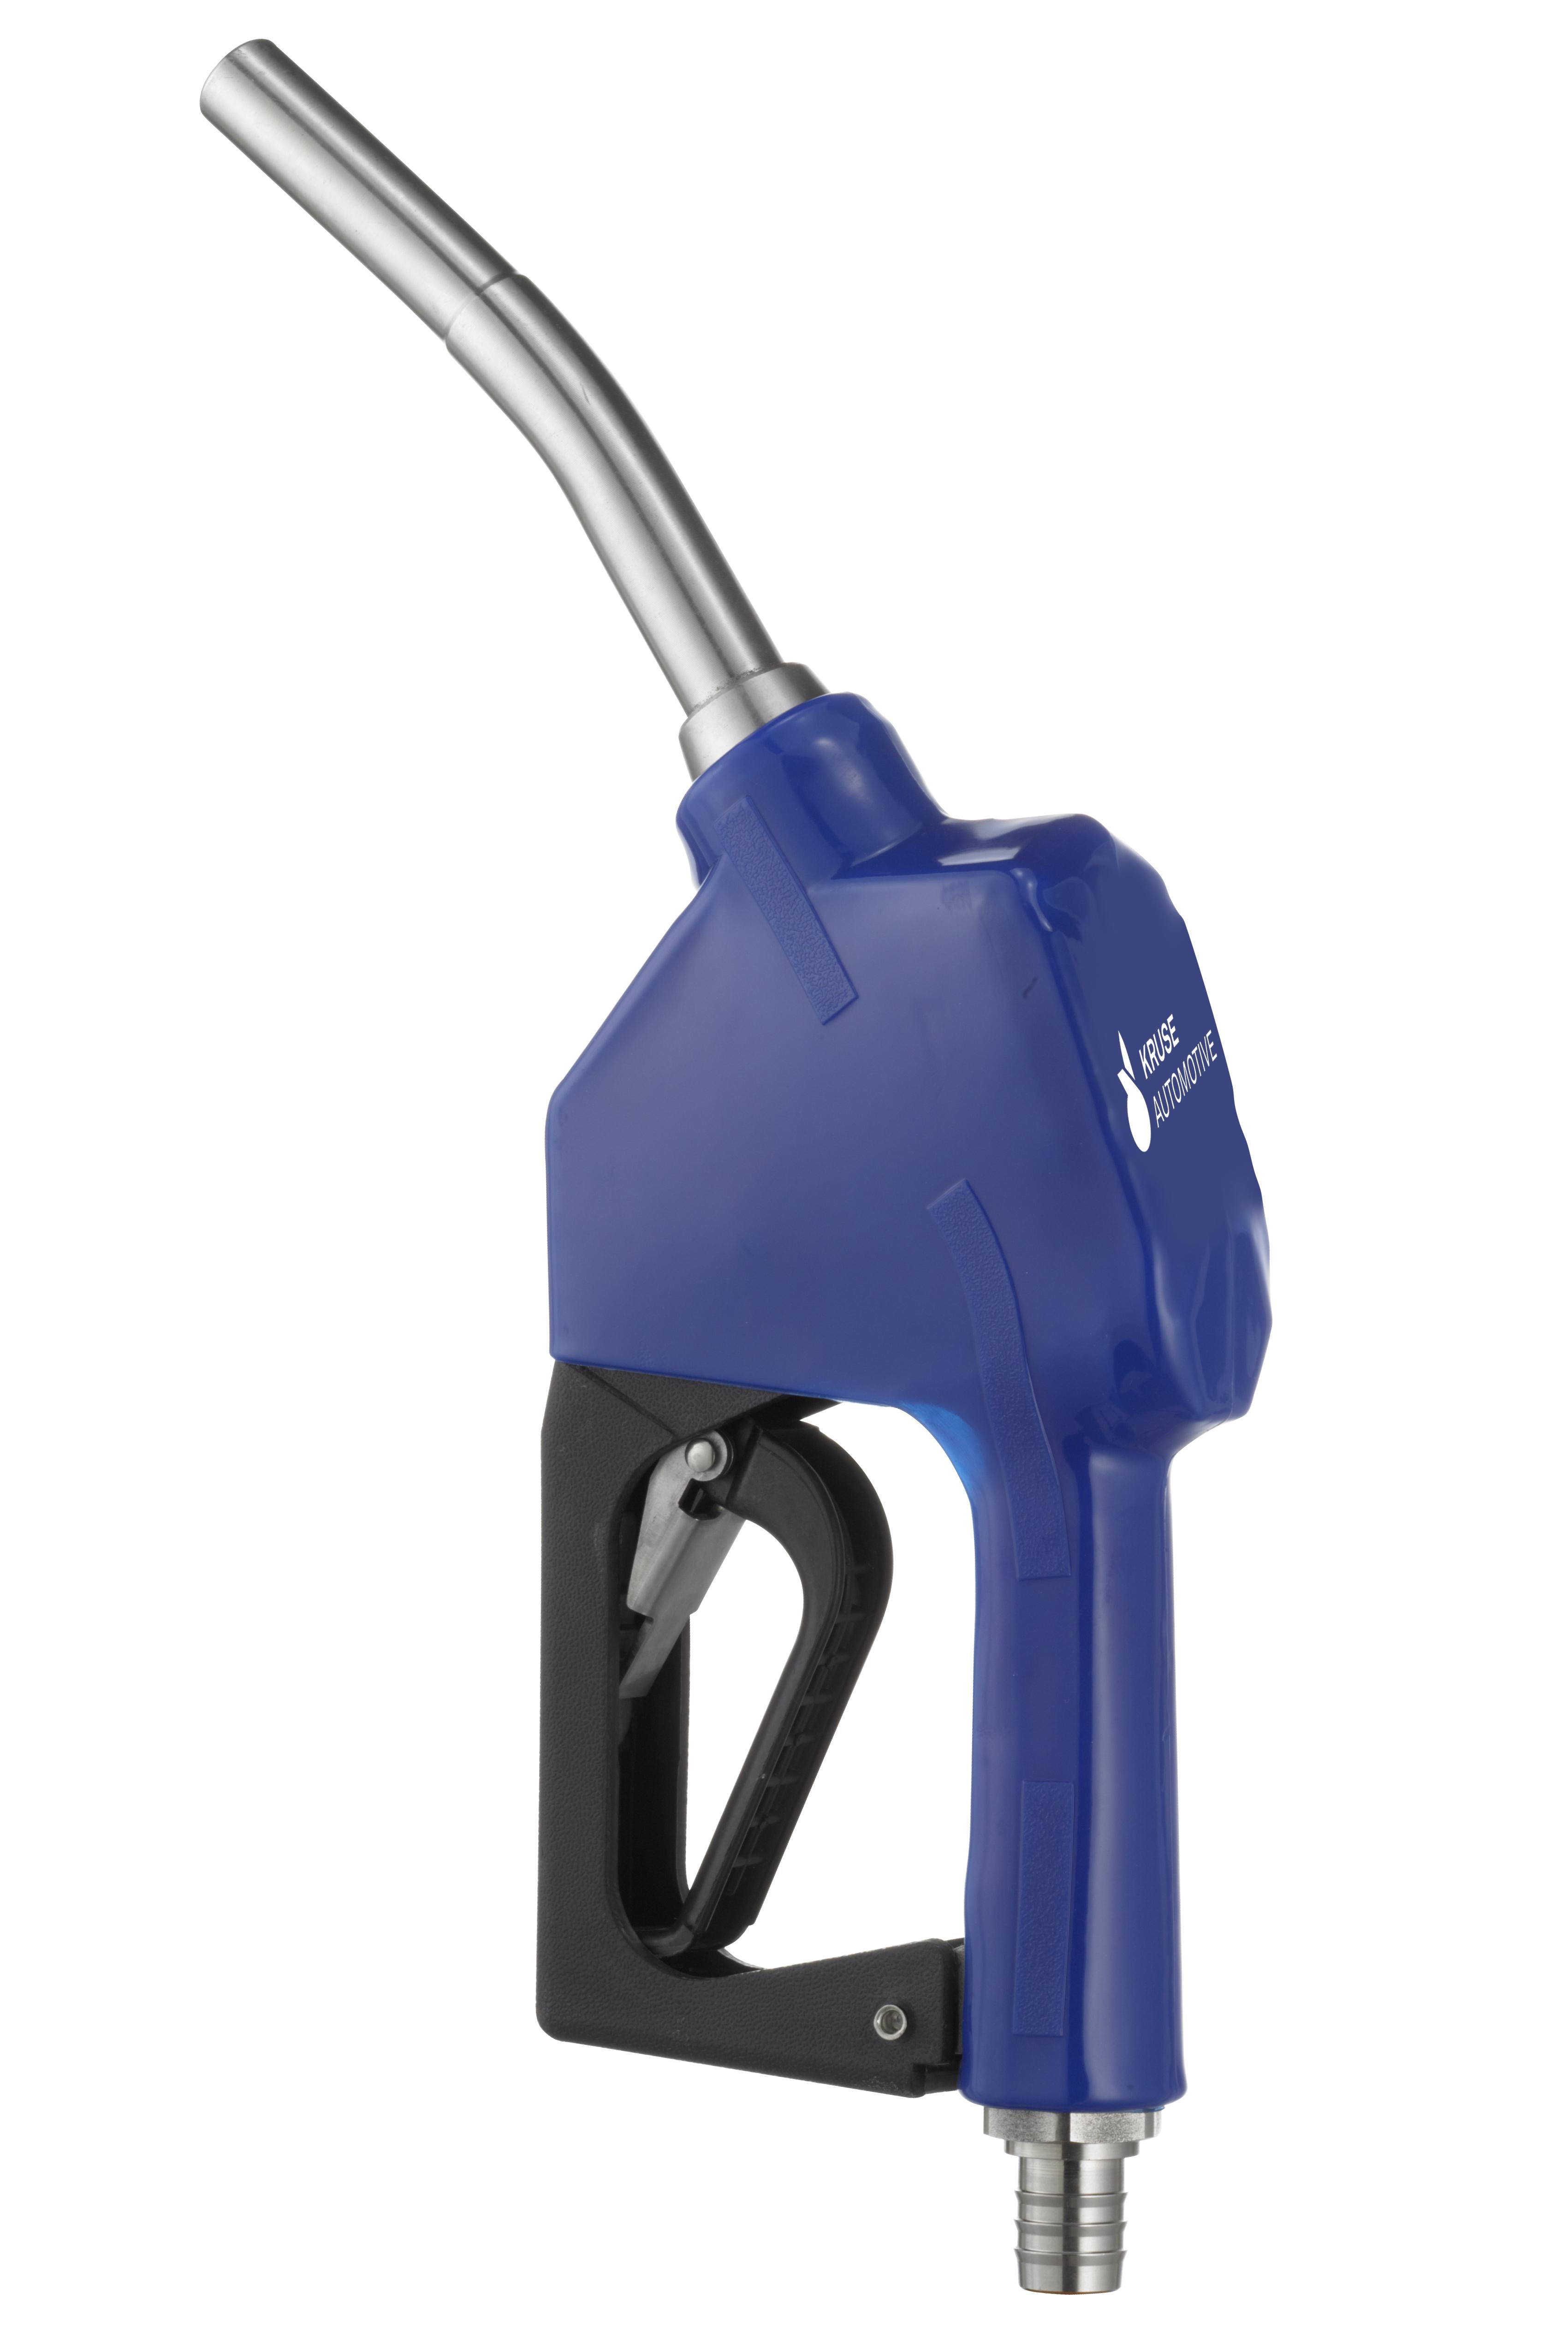 KRUSE Automatic pump nozzle